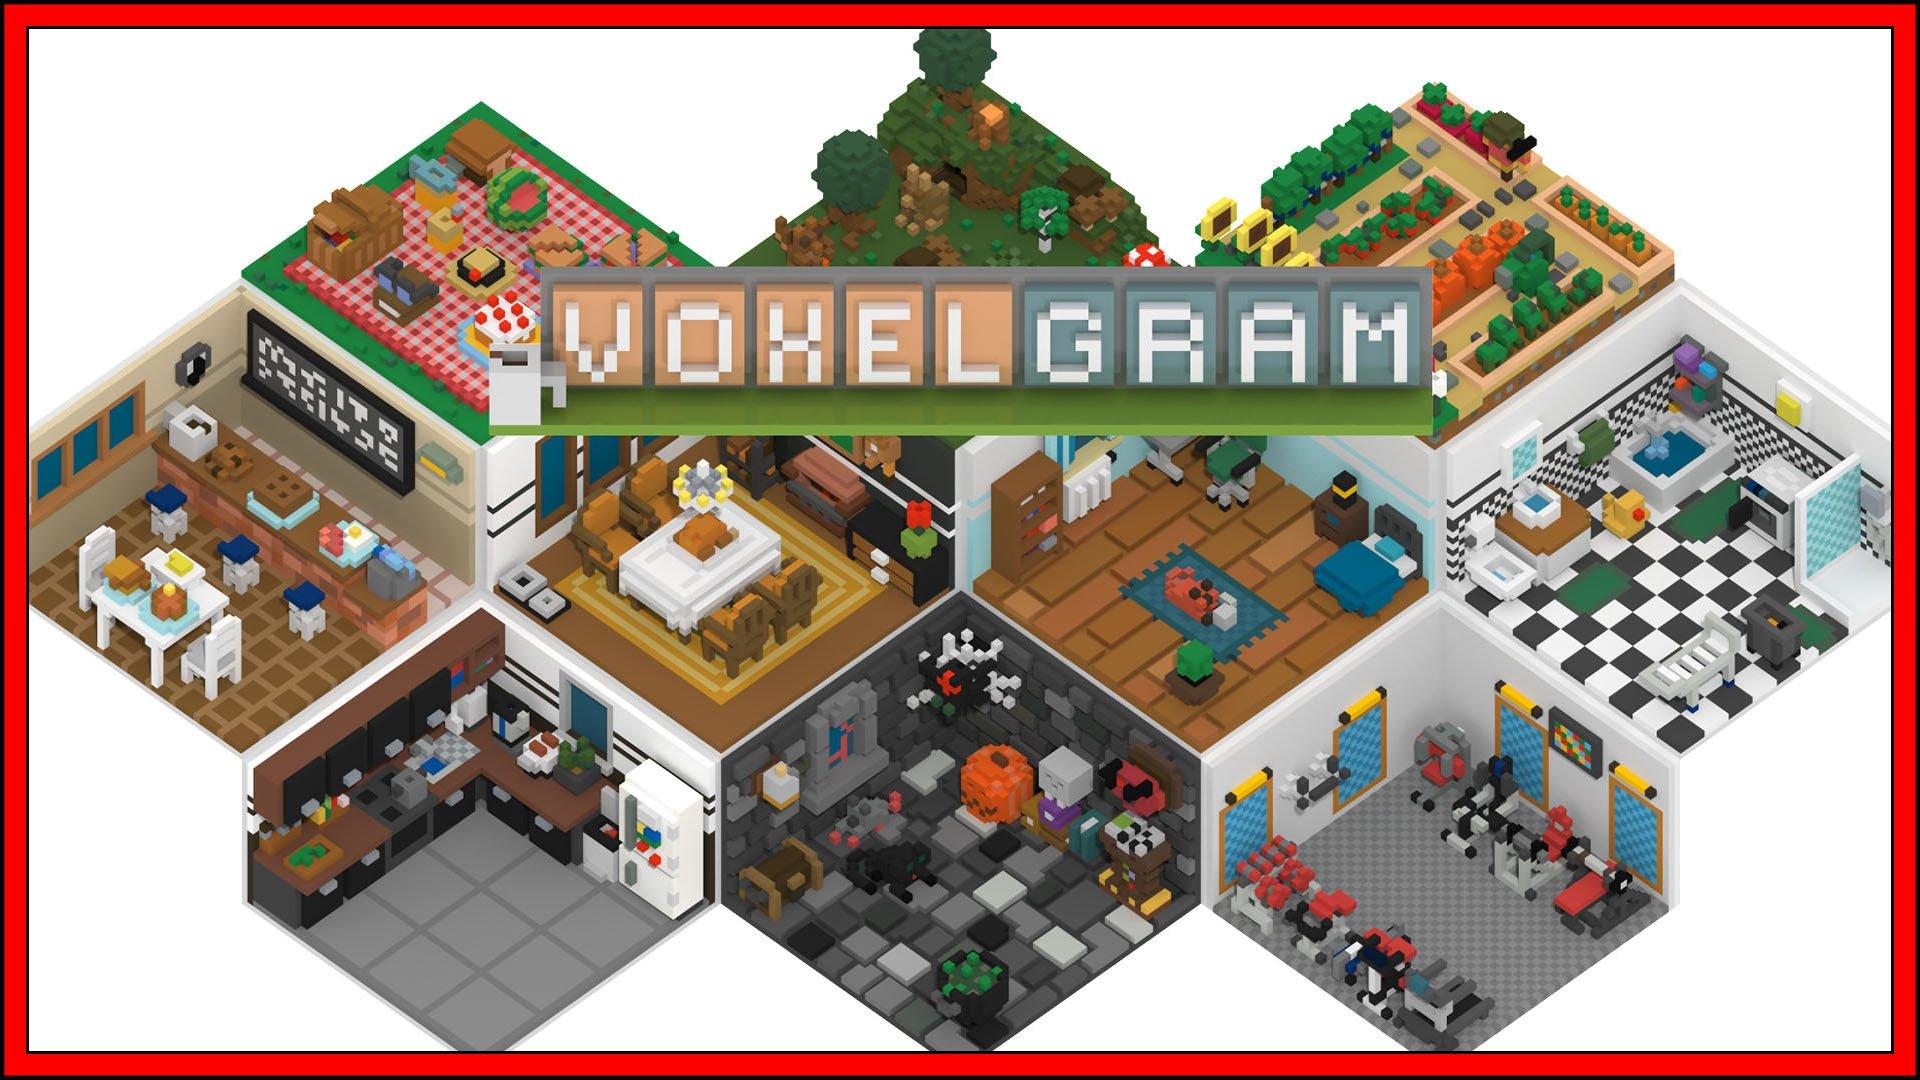 Voxelgram Fi3